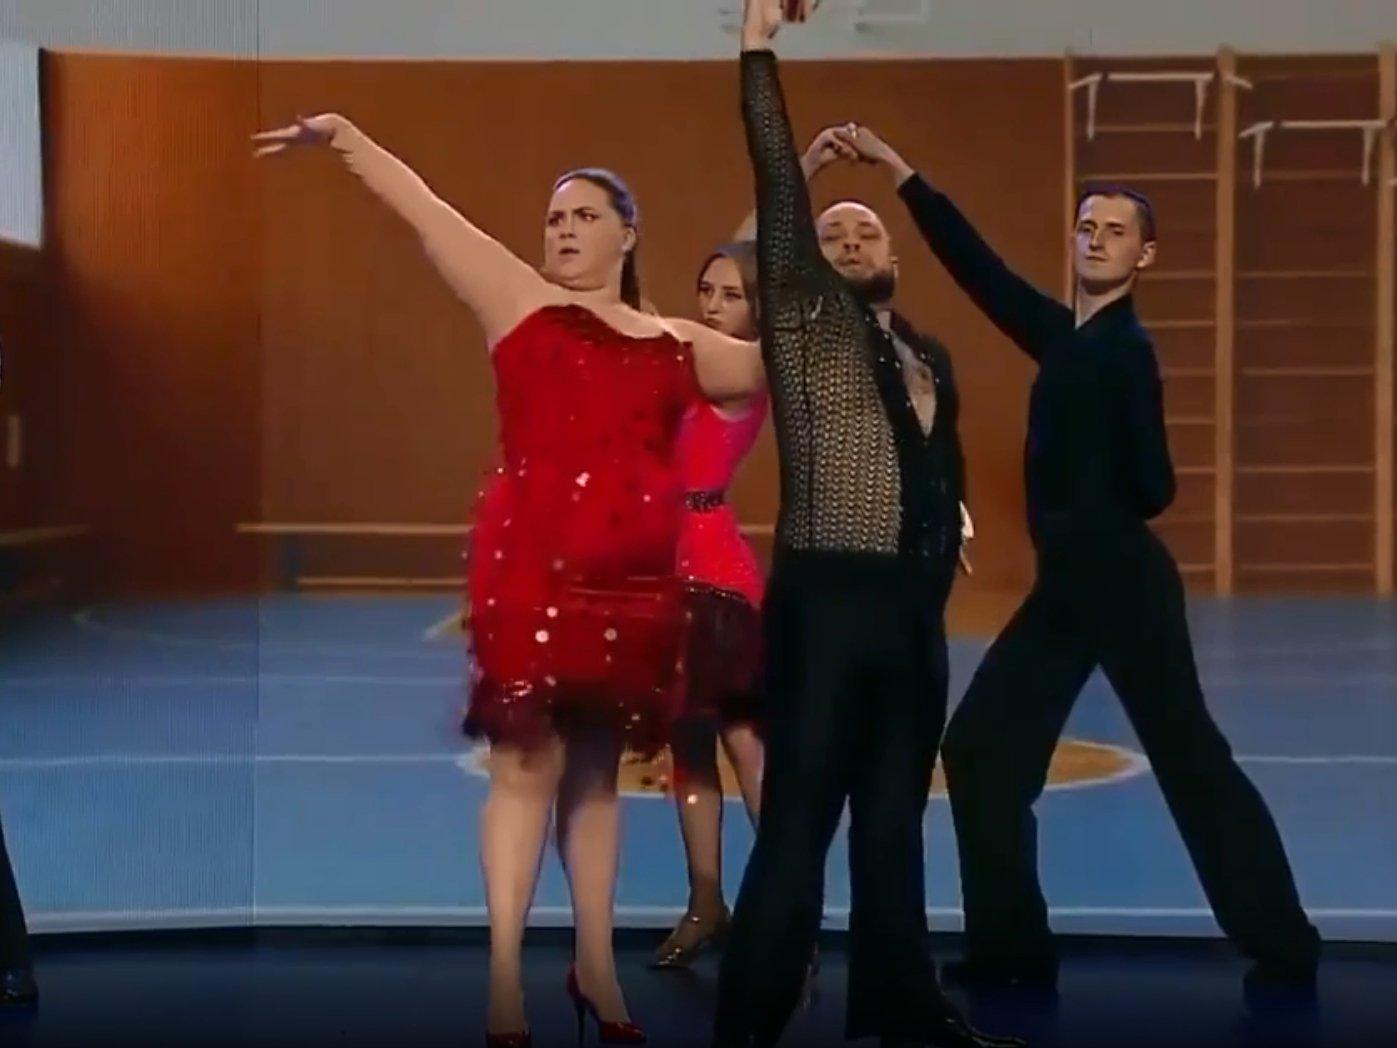 «Коньячку бабахнули»: номер с толстыми танцорами из «Уральских пельменей» стал хитом в Сети (ВИДЕО)